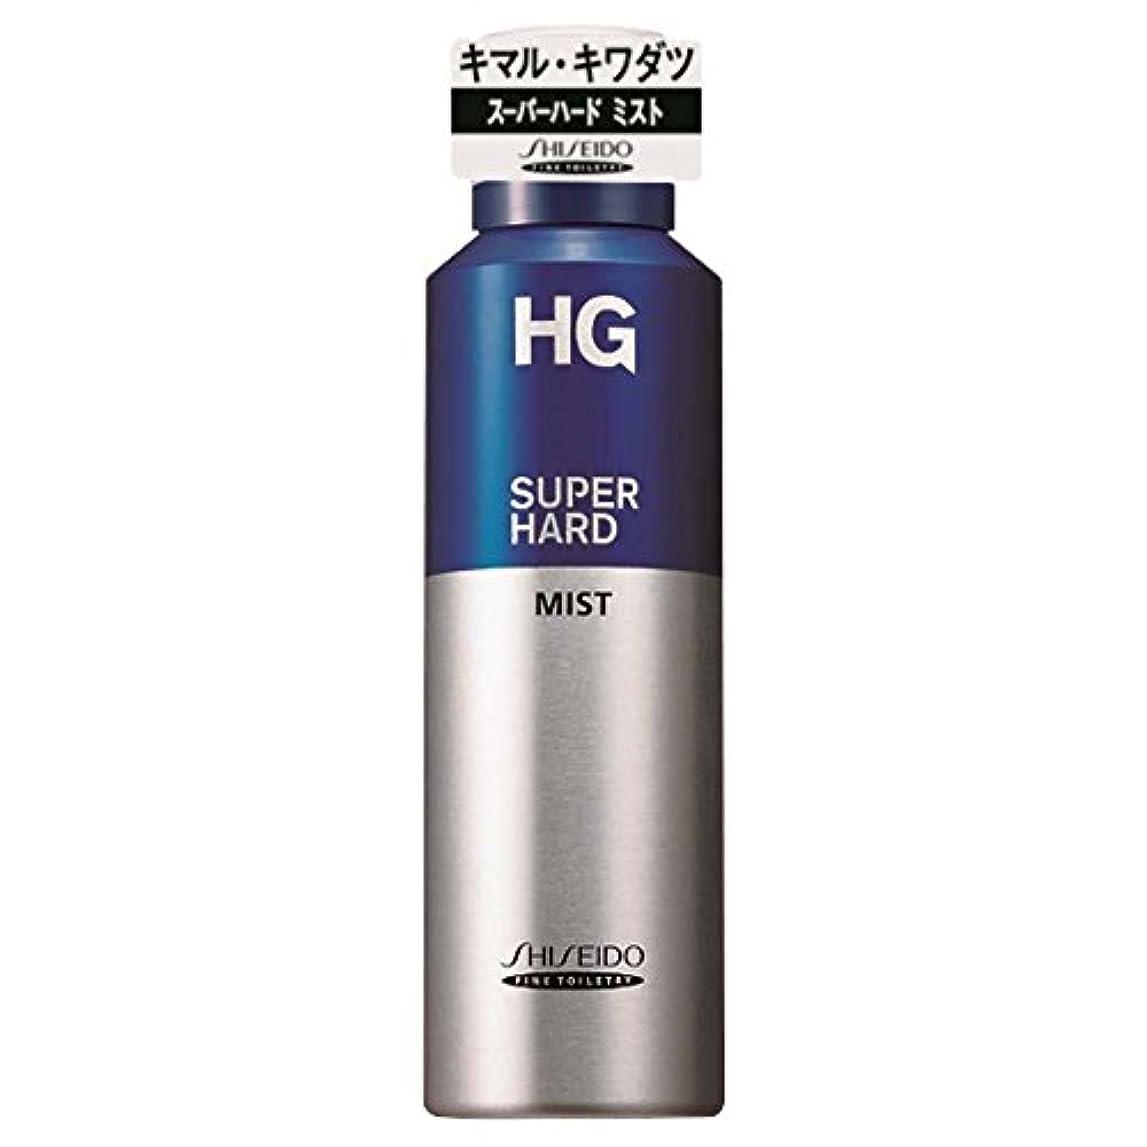 使役ジャム圧縮HG スーパーハードミストa 150g